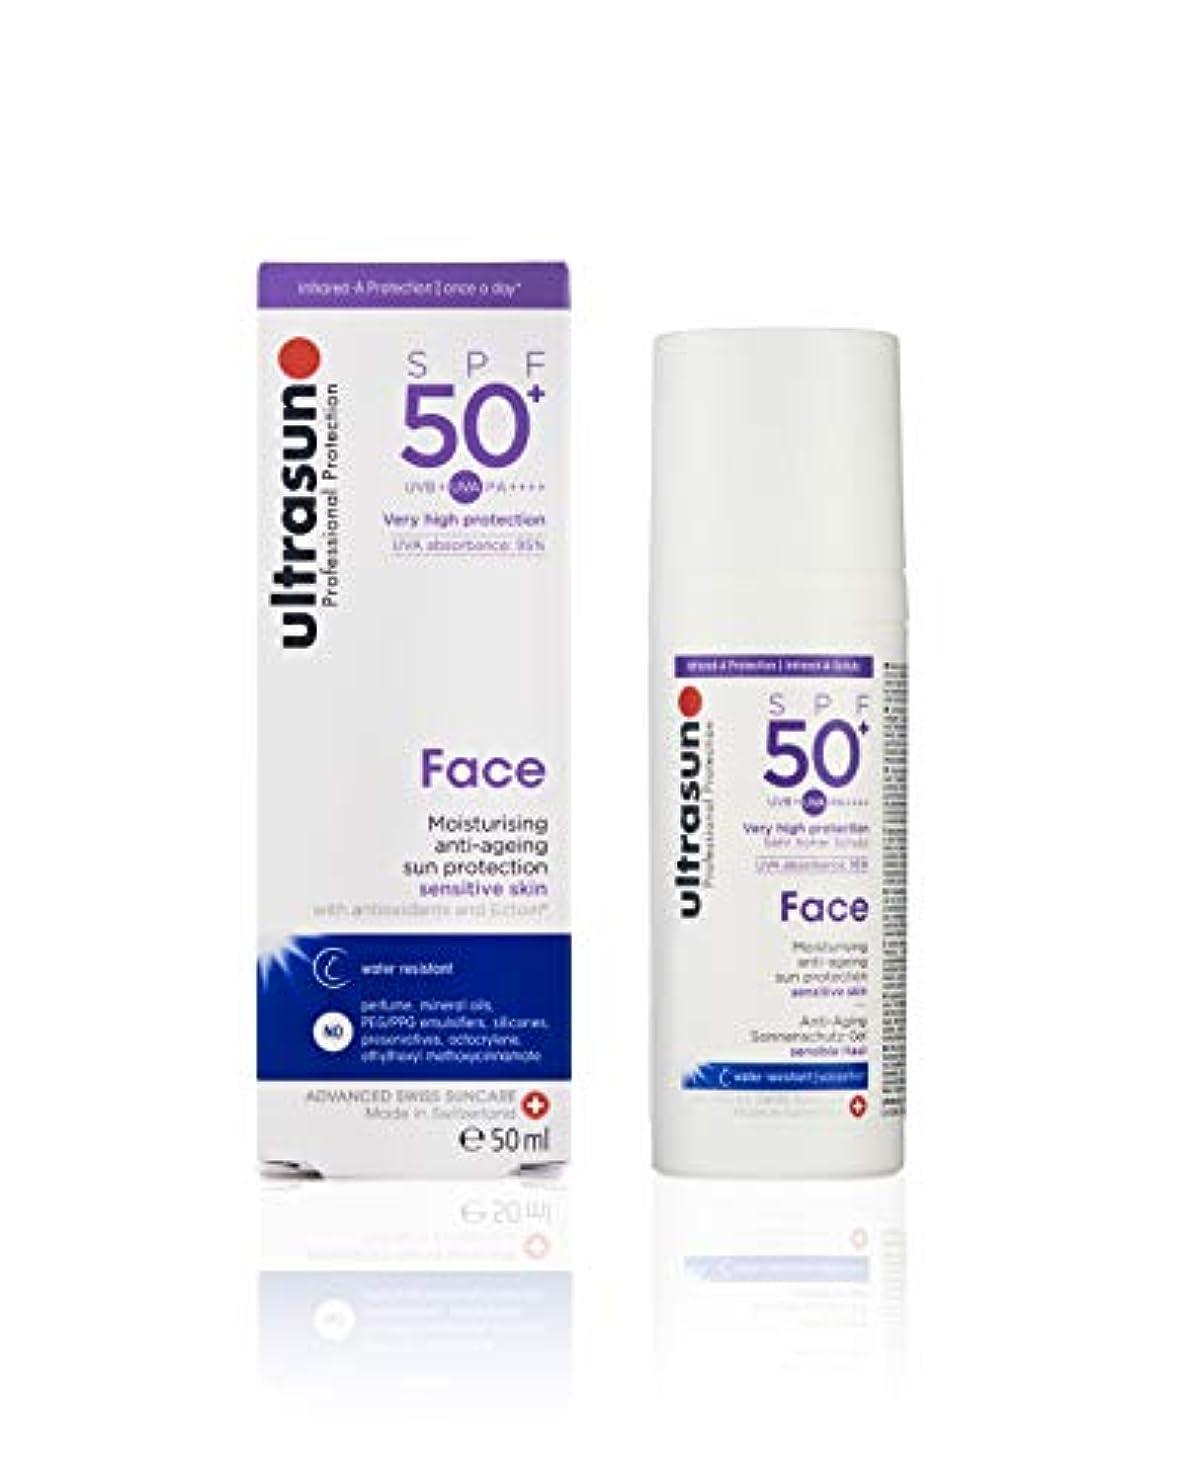 上不名誉な形状アルトラサン 日やけ止めクリーム フェイス UV 敏感肌用 SPF50+ PA++++ トリプルプロテクション 50mL